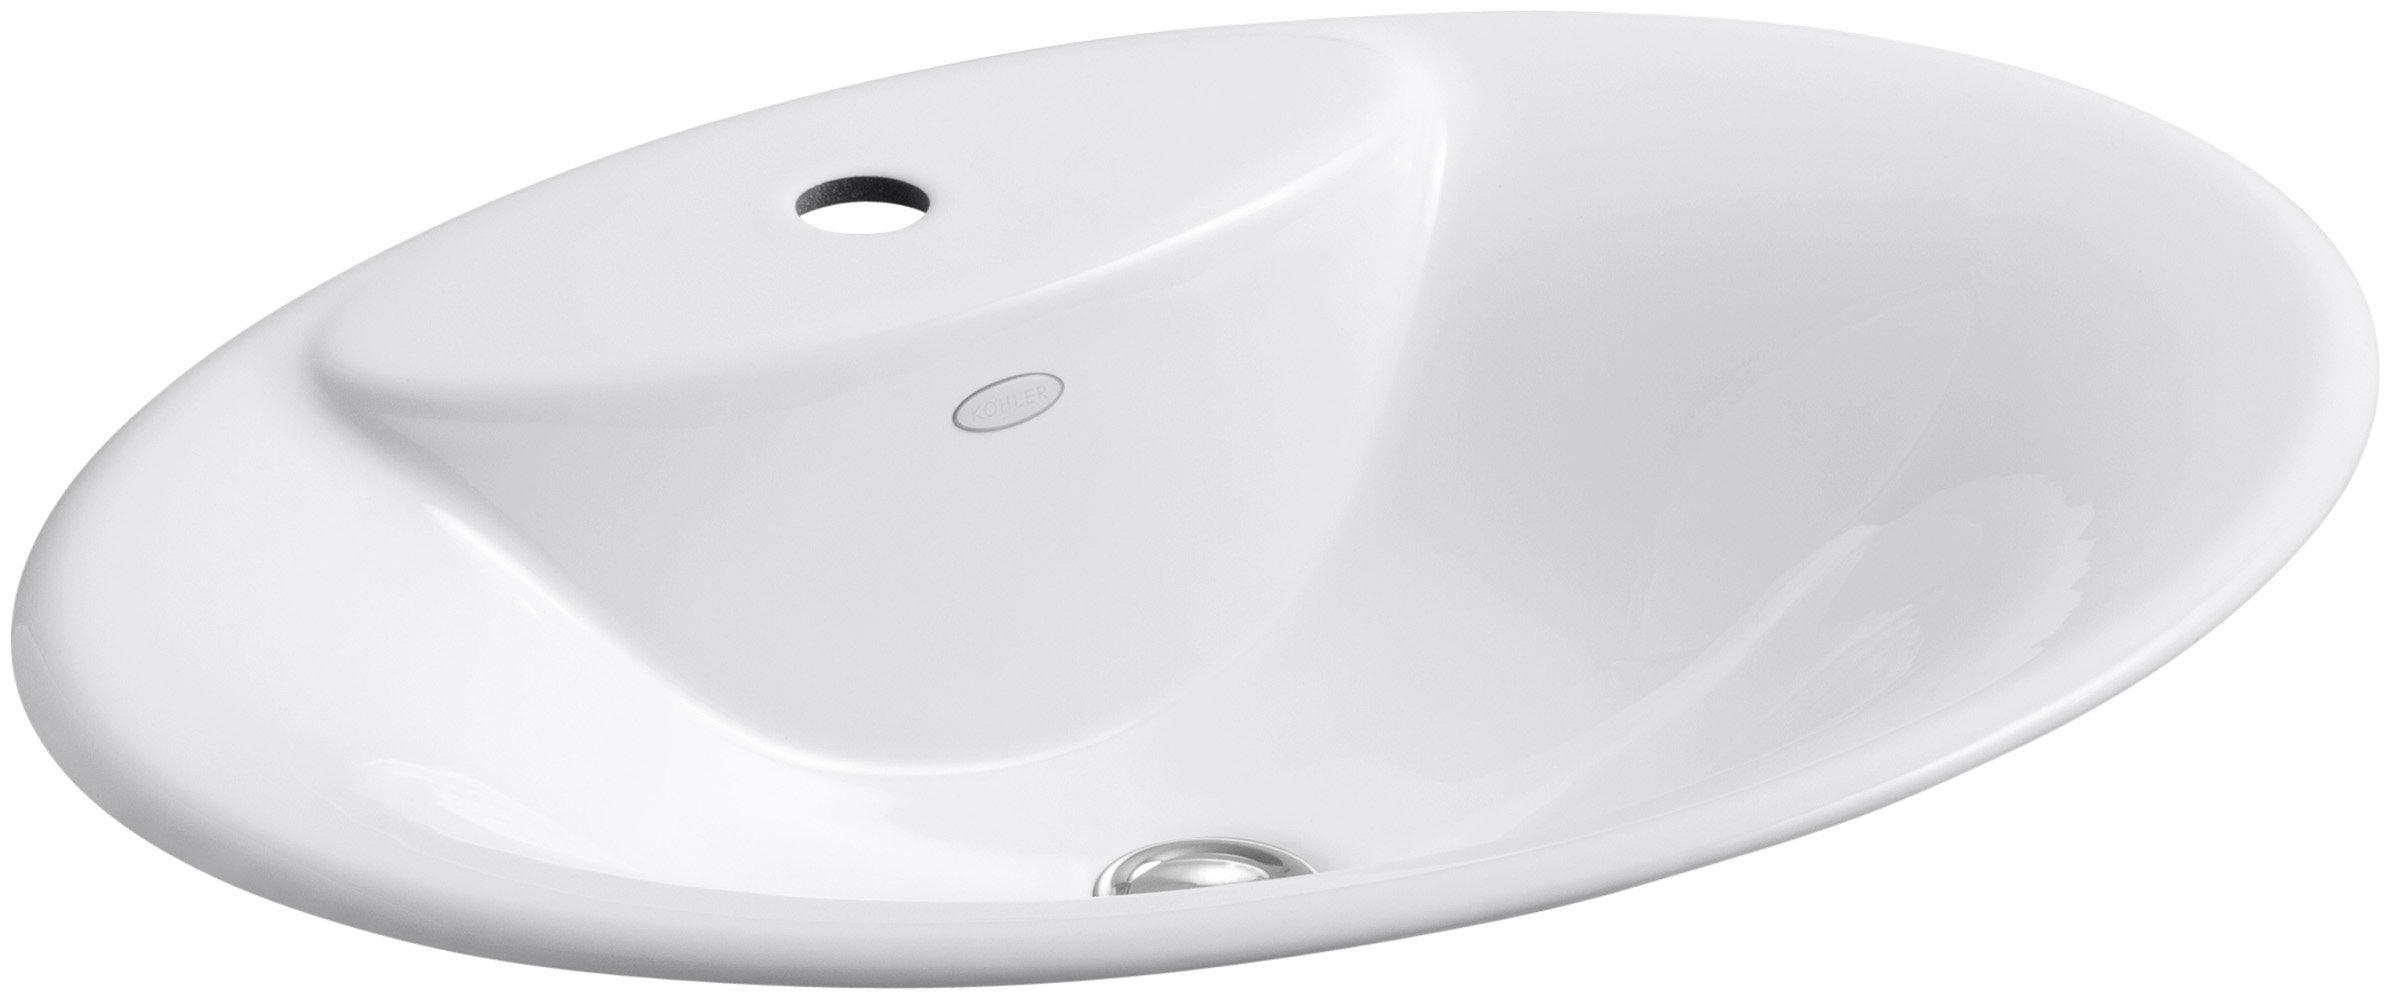 KOHLER K-2831-1-0 Maratea Self-Rimming Bathroom Sink, White by Kohler